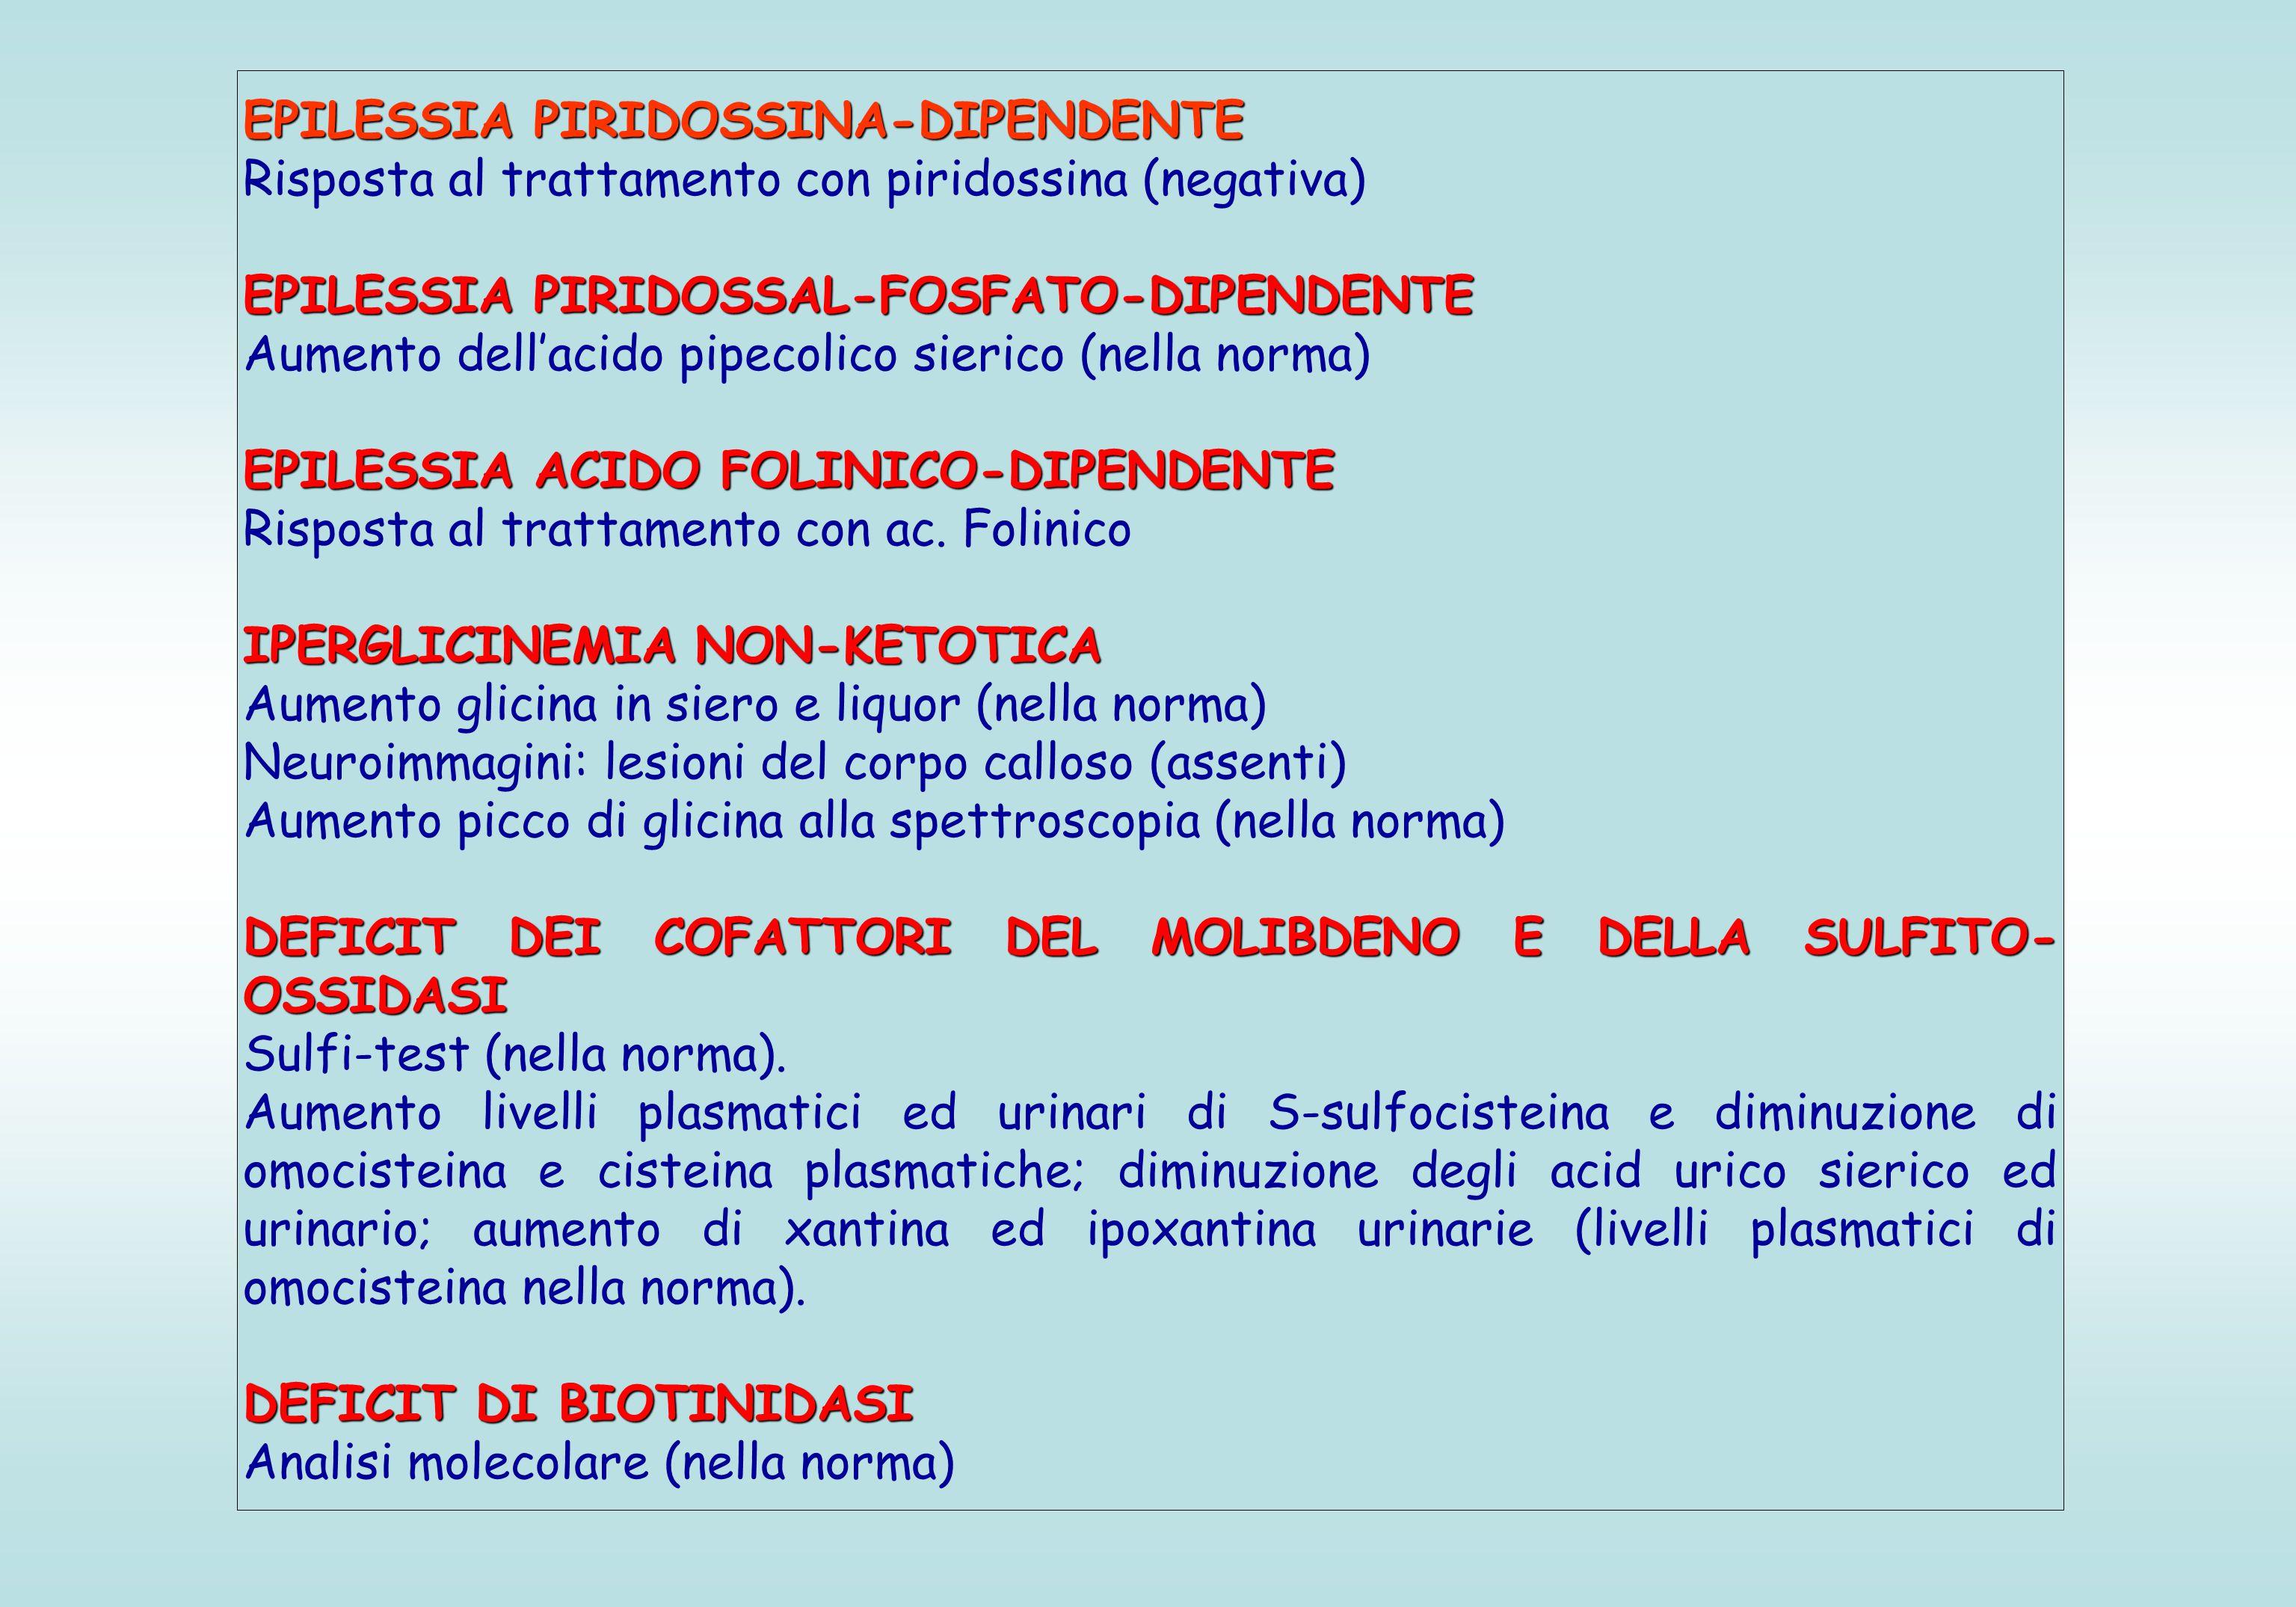 EPILESSIA PIRIDOSSINA-DIPENDENTE Risposta al trattamento con piridossina (negativa) EPILESSIA PIRIDOSSAL-FOSFATO-DIPENDENTE Aumento dell'acido pipecolico sierico (nella norma) EPILESSIA ACIDO FOLINICO-DIPENDENTE Risposta al trattamento con ac.